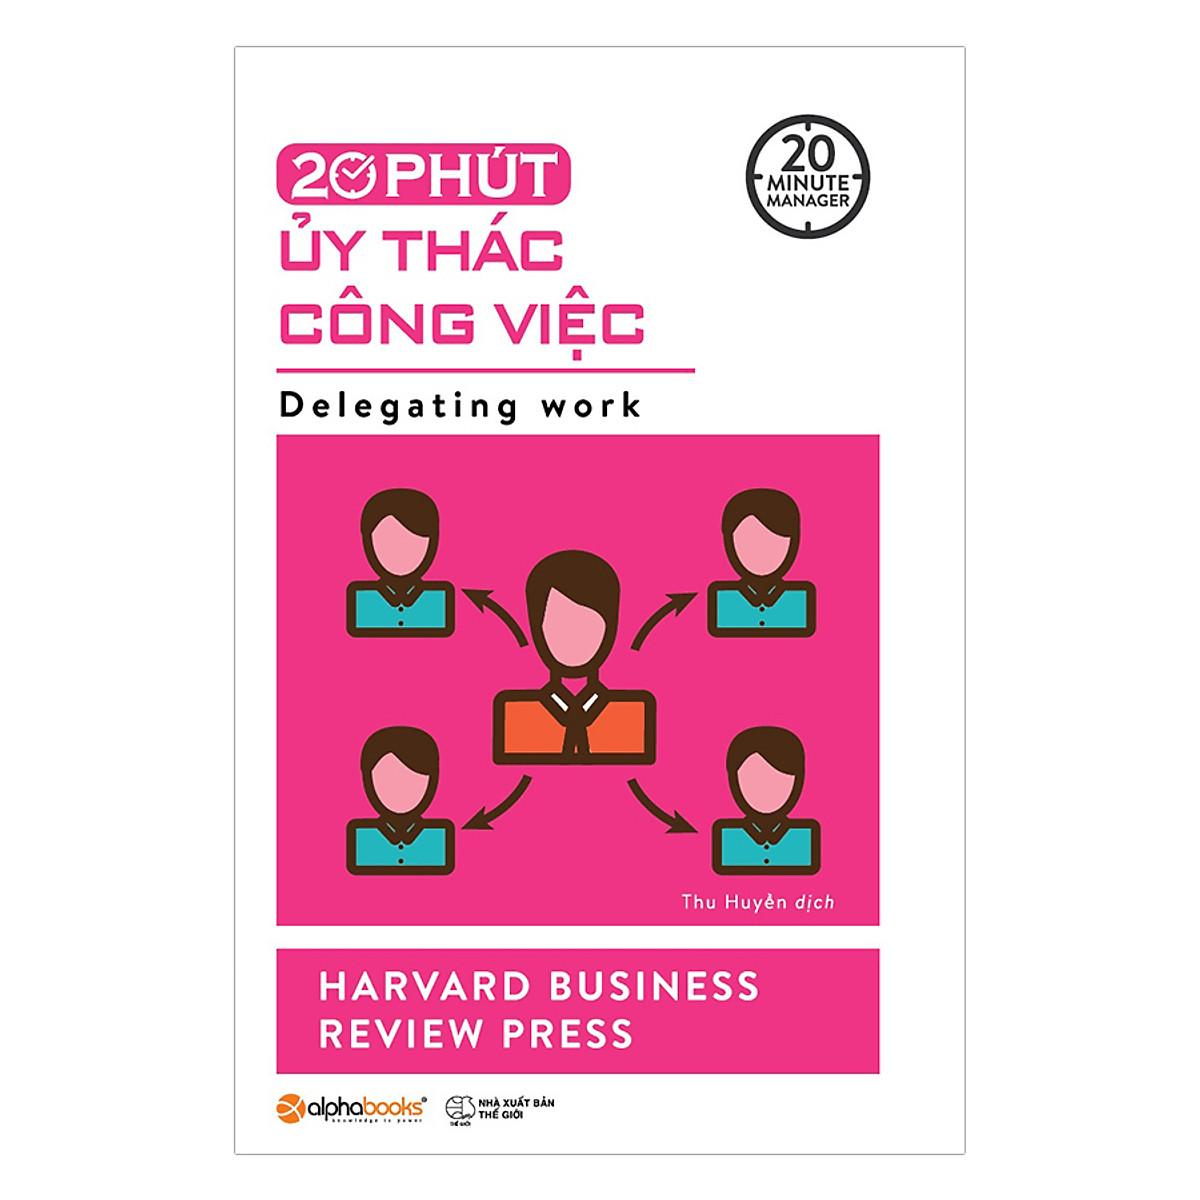 Combo 2 cuốn sách: 20 Phút Ủy Thác Công Việc  + Lãnh Đạo Giỏi Phải Biết Tạo Niềm Vui